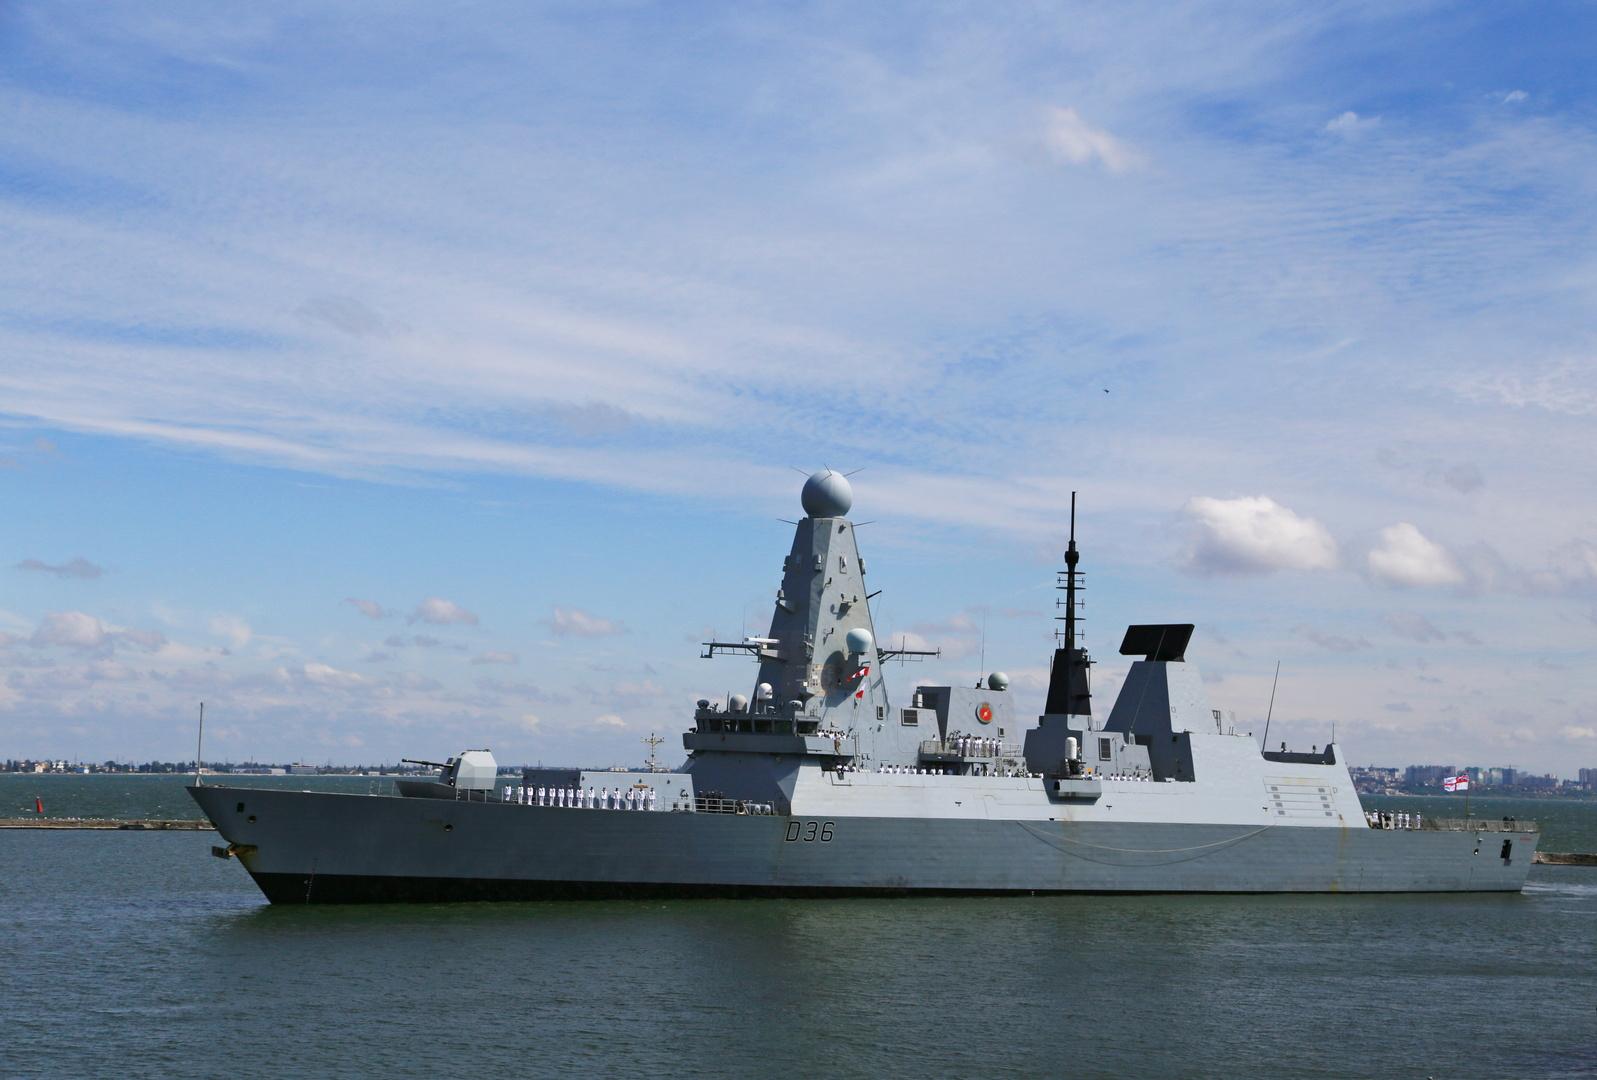 مدمرة Defender البريطانية في مياه البحر الأسود